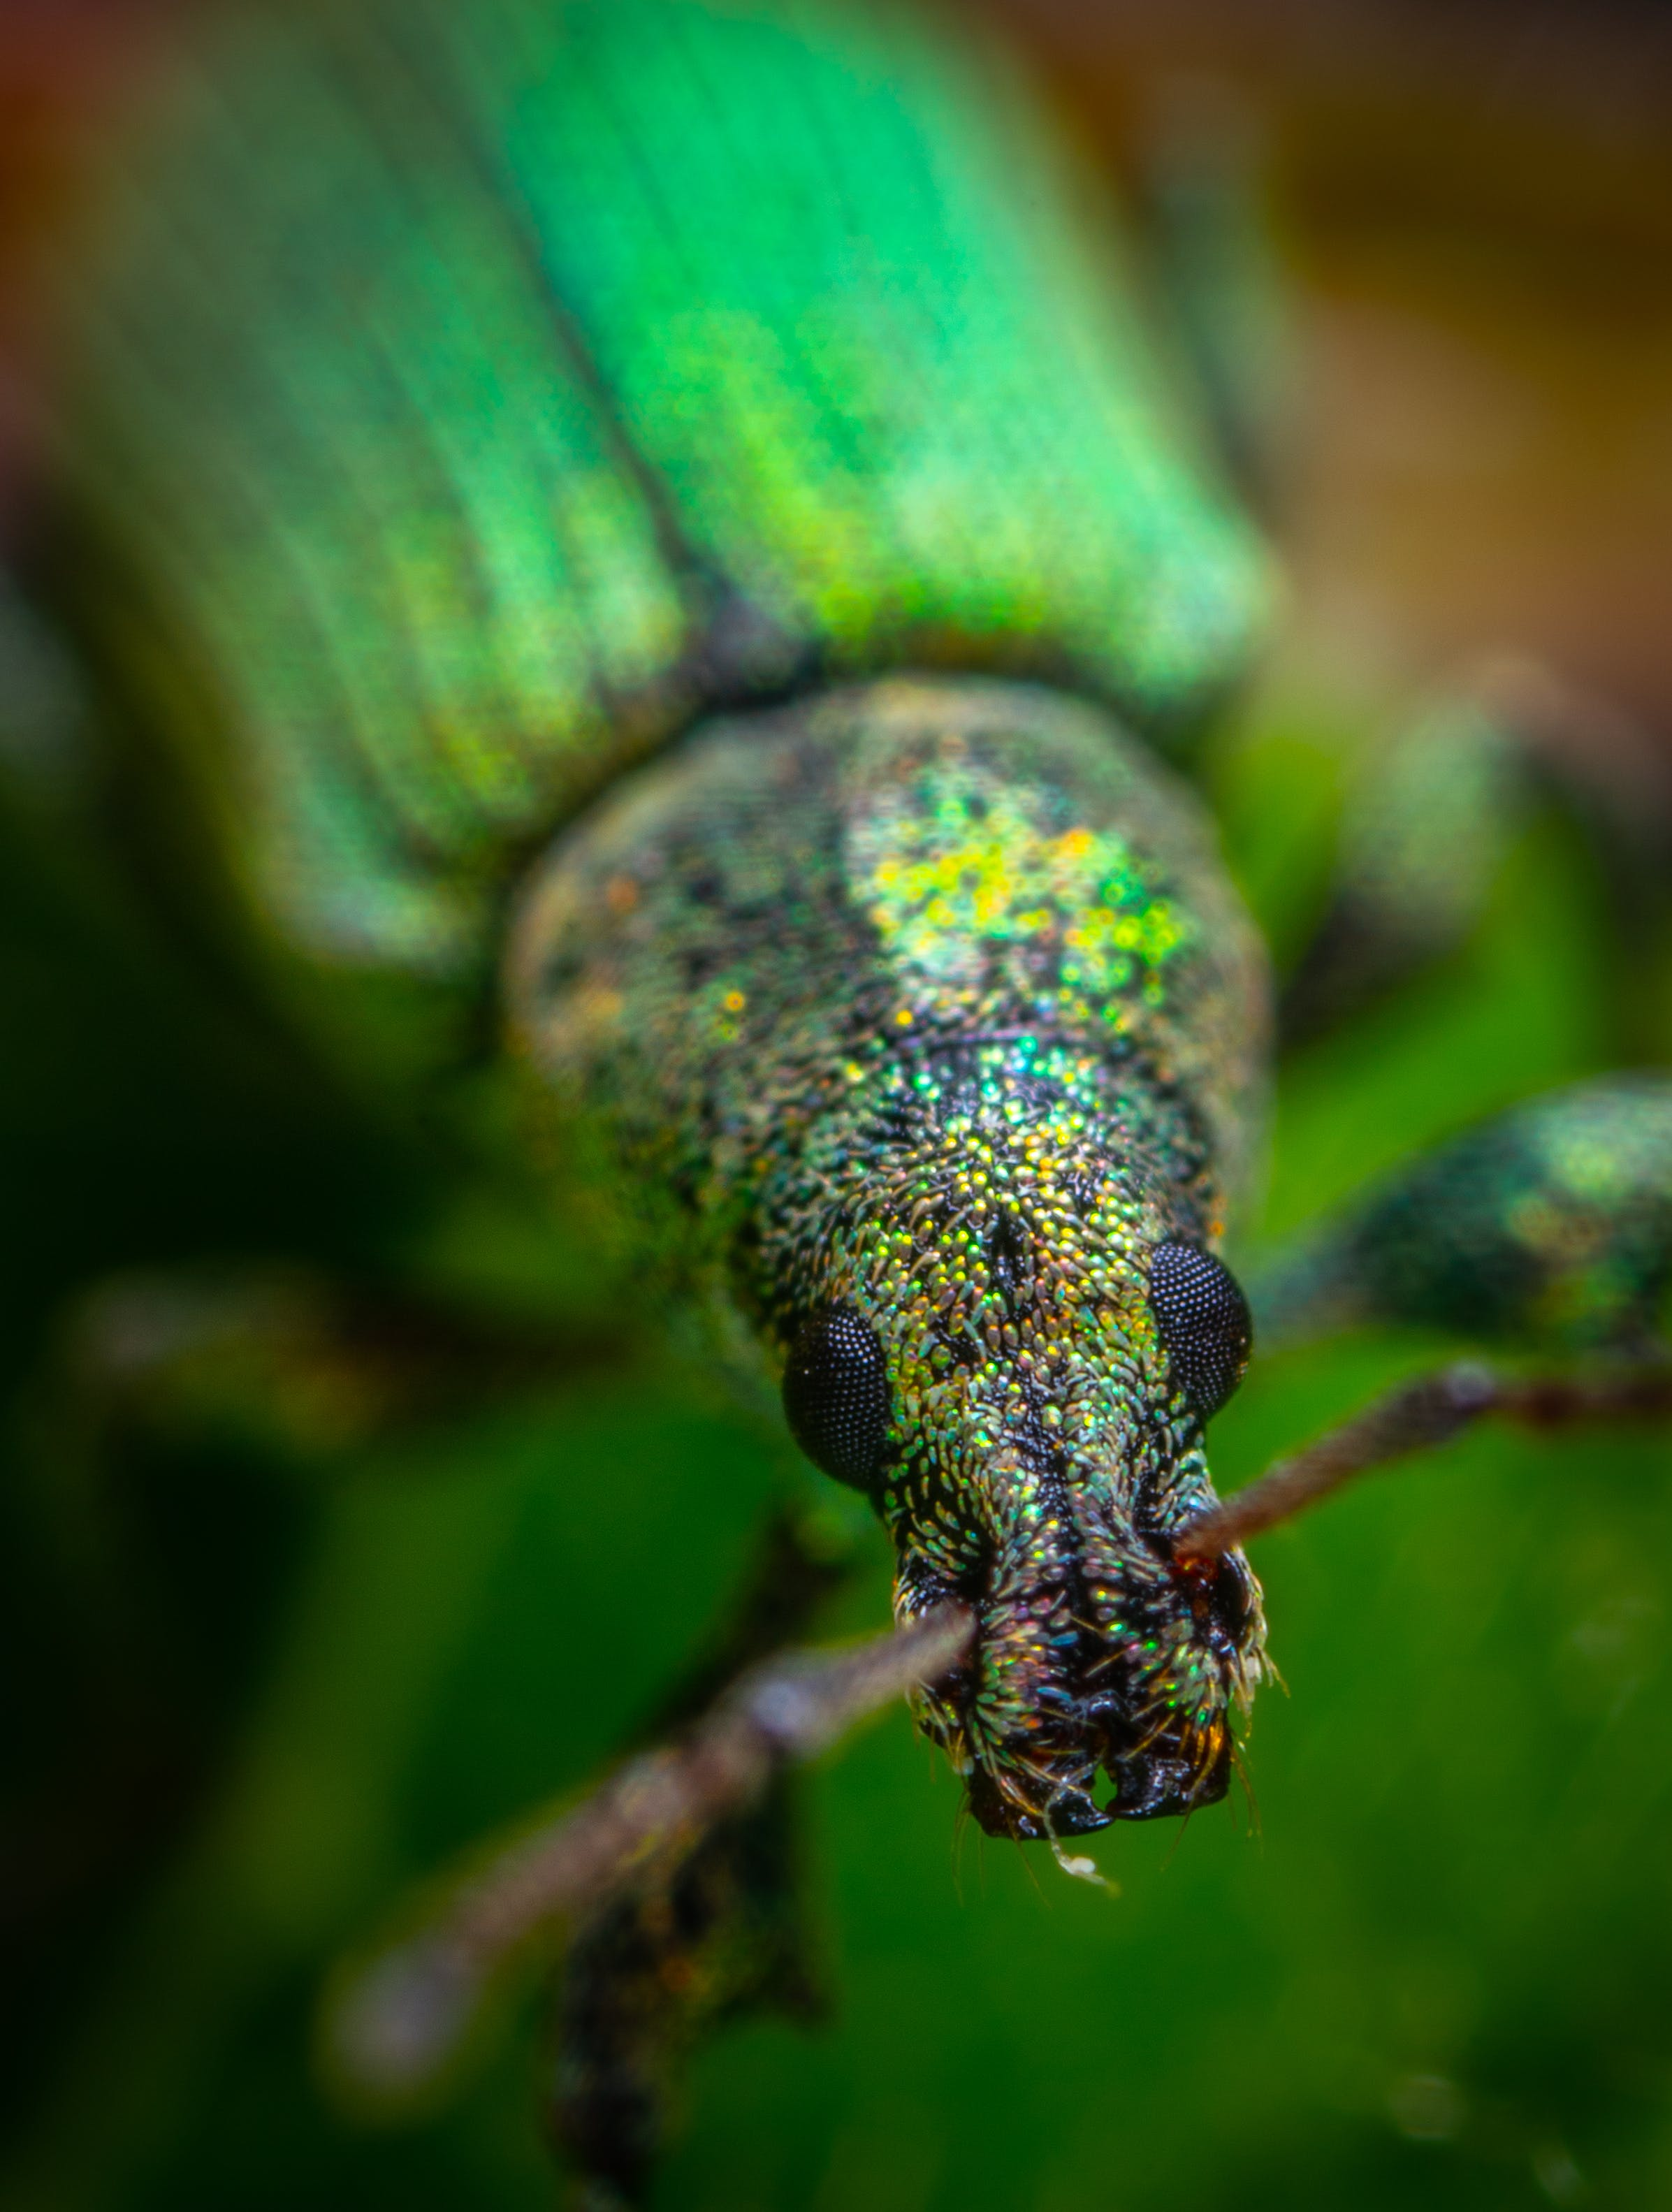 Bahçe, böcek, hayvan, kaplumbaga içeren Ücretsiz stok fotoğraf